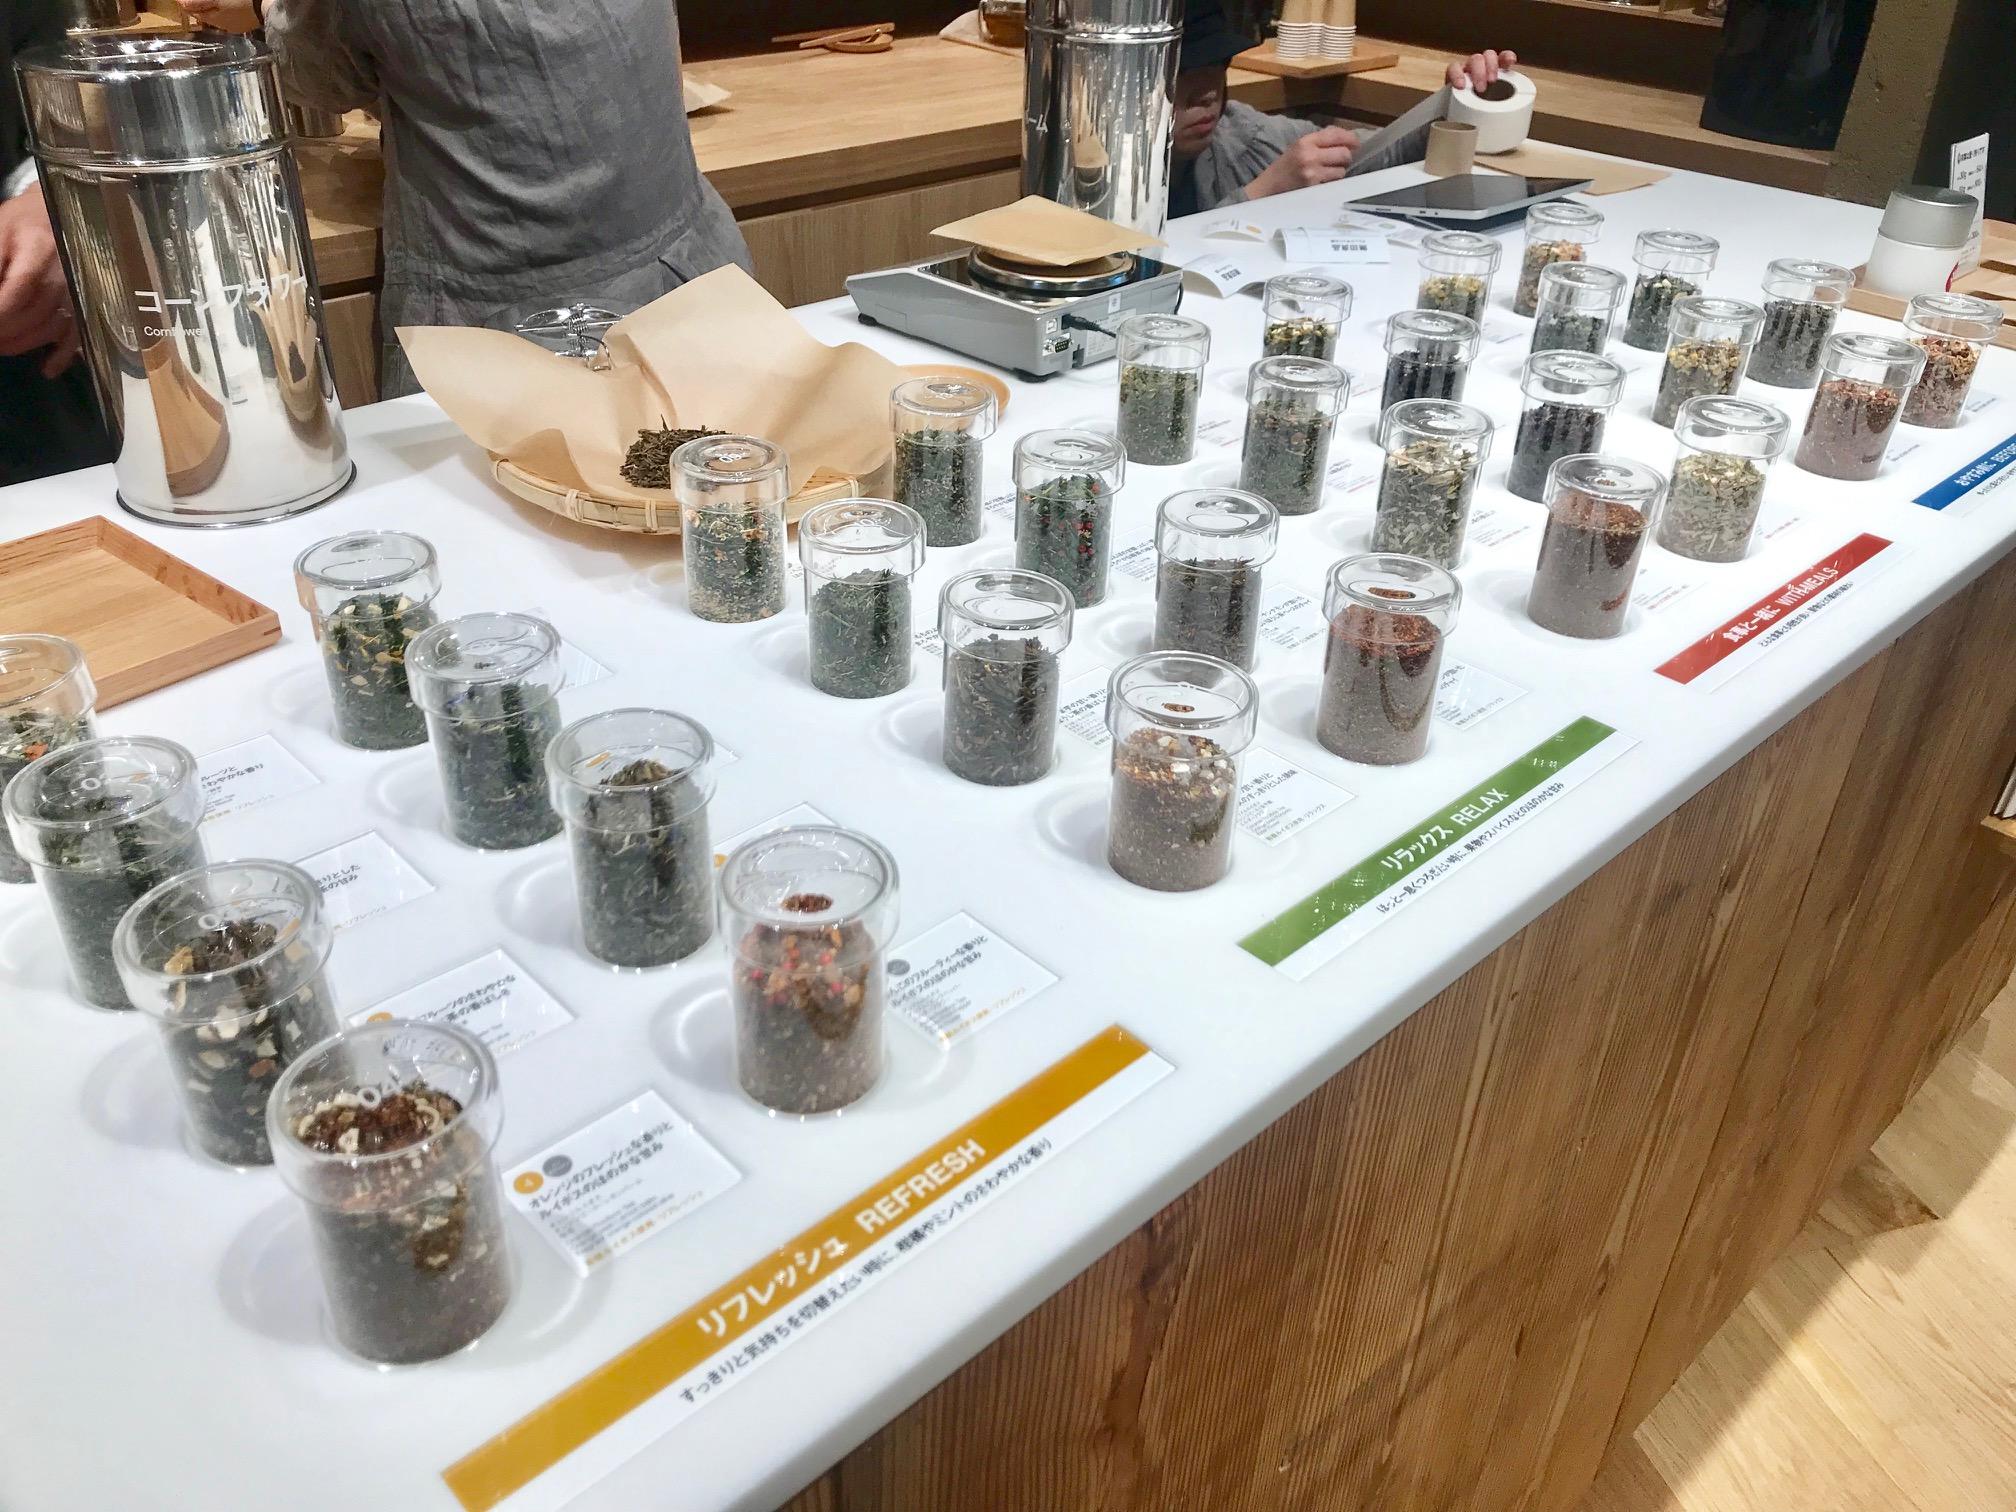 『無印良品』自慢のお茶が32種類も集結!! 「ブレンドティー工房」でお気に入りの一杯を見つけよう♡_2